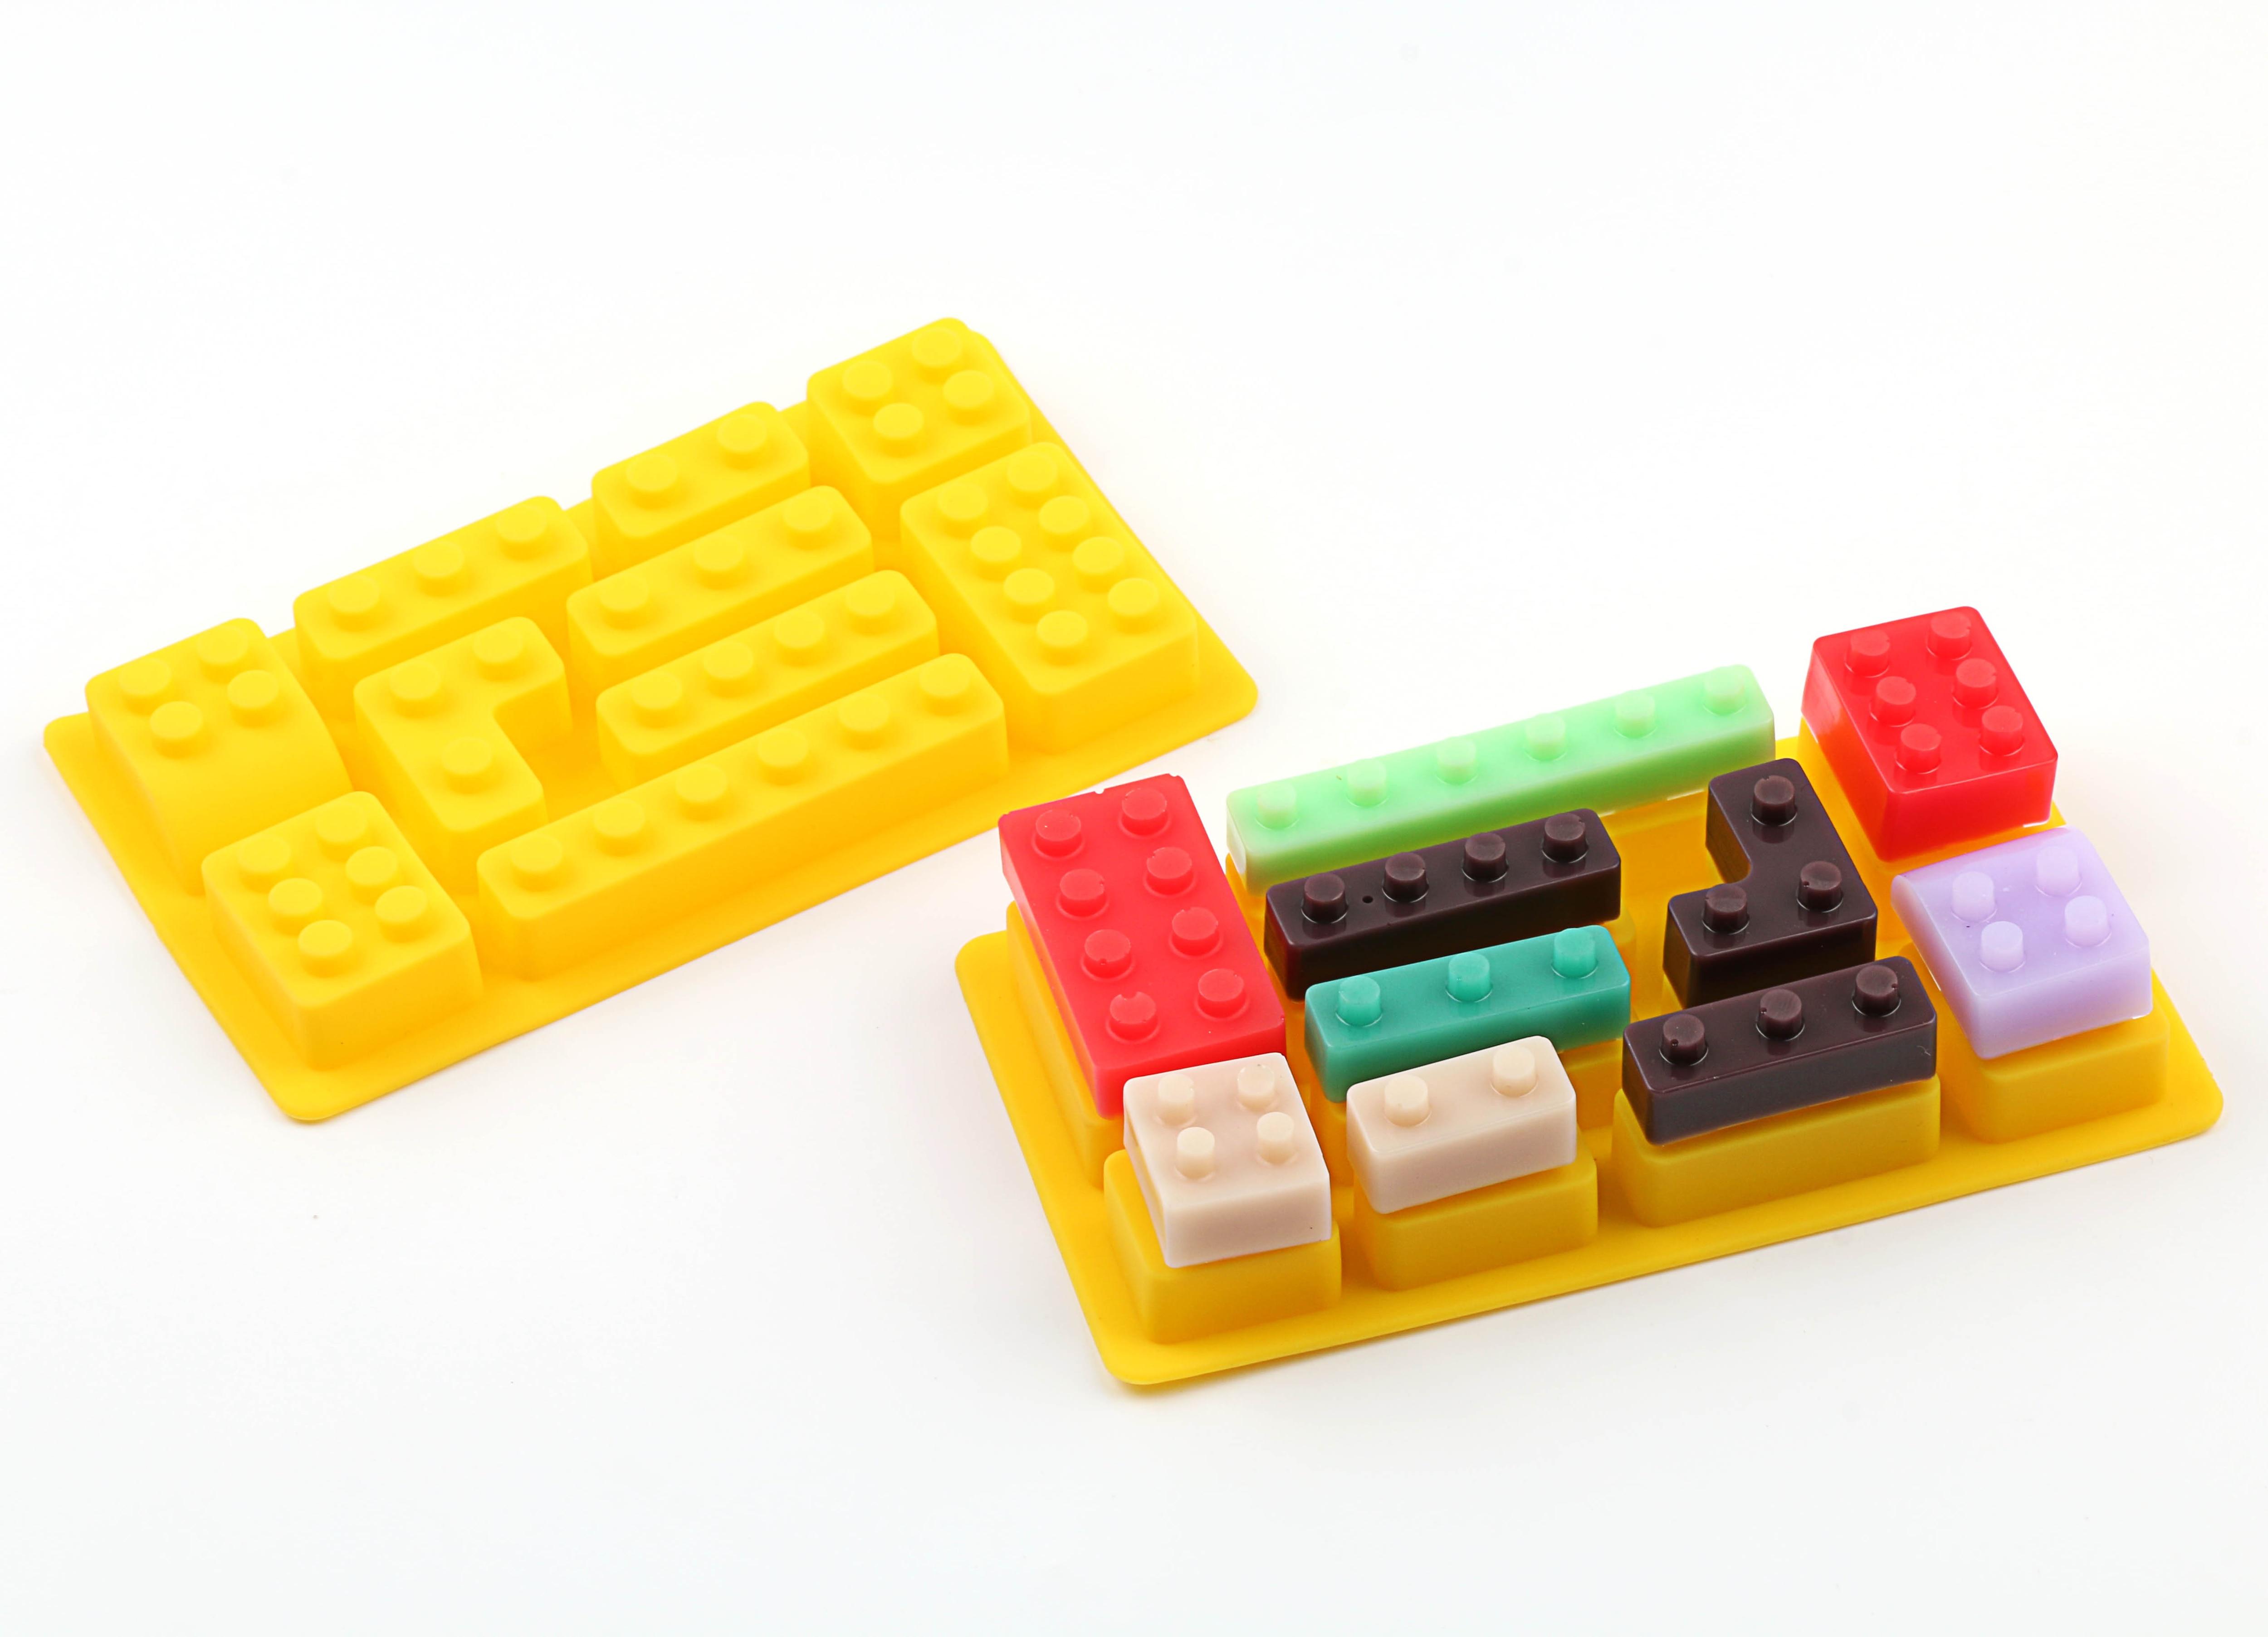 Lego Brick Jello Mold